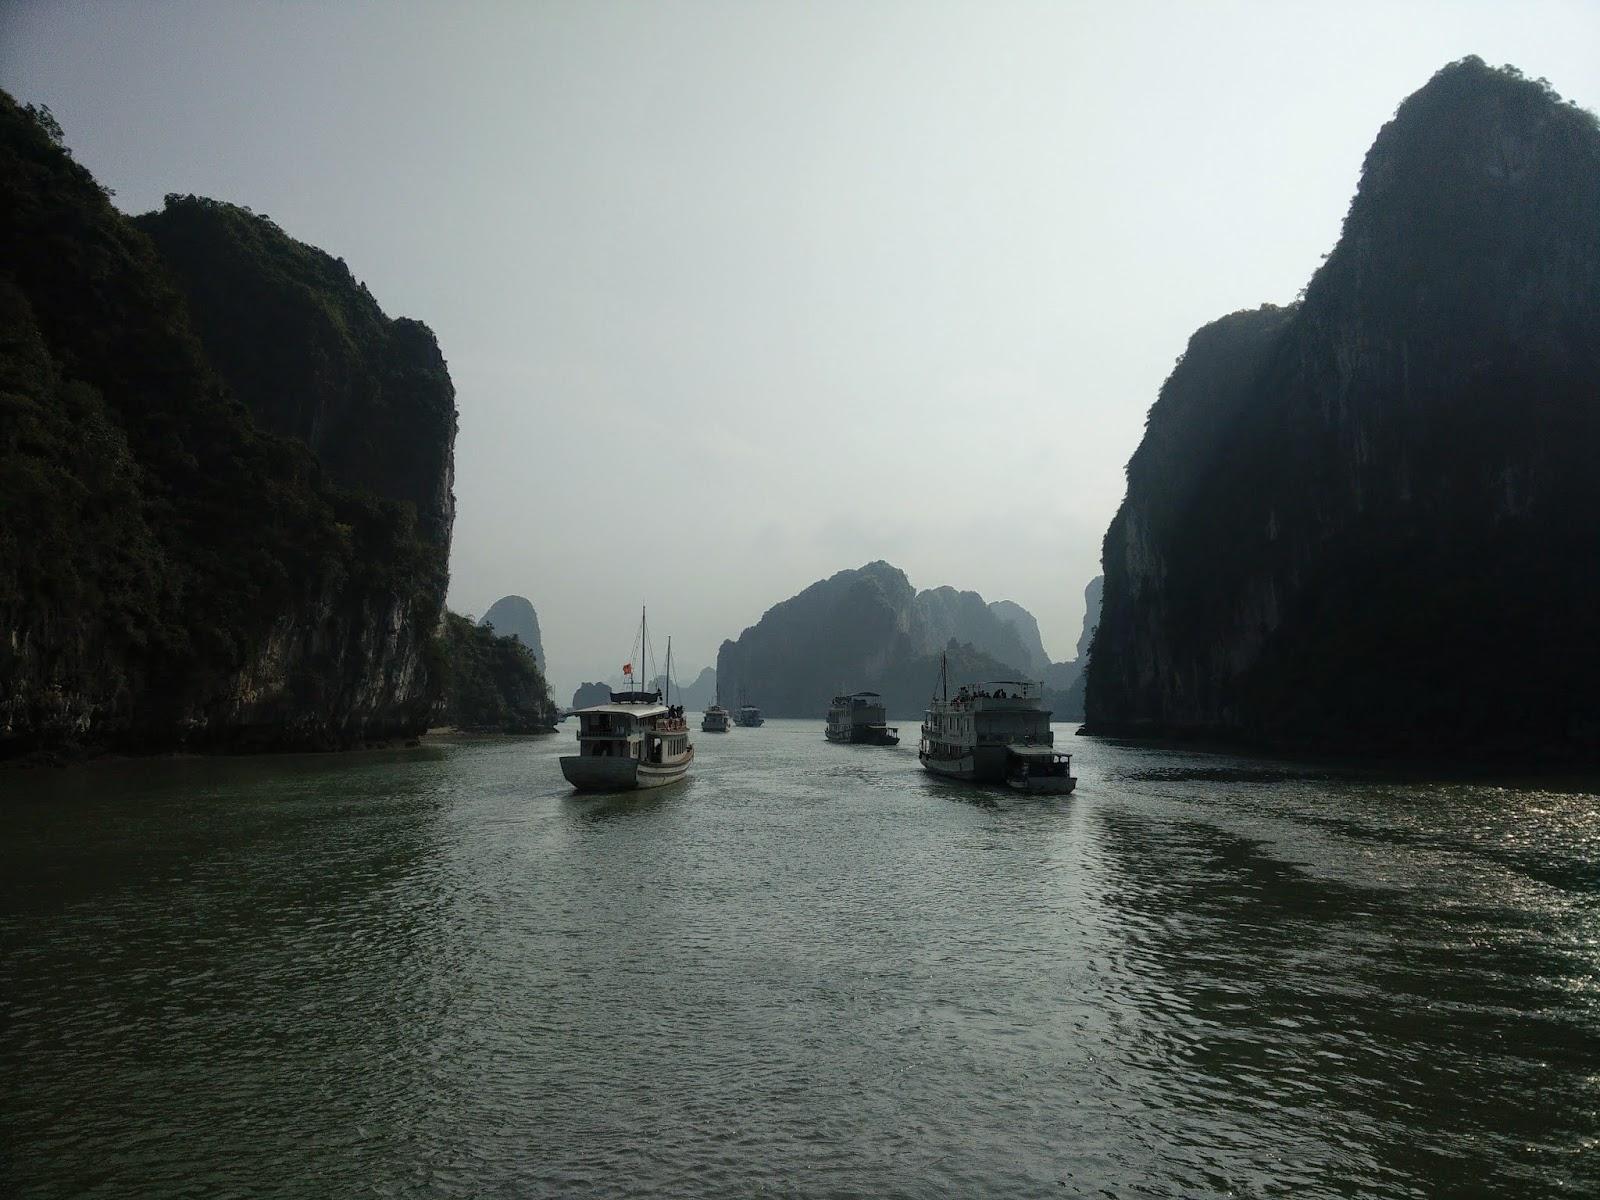 Вьетнам красивые фото